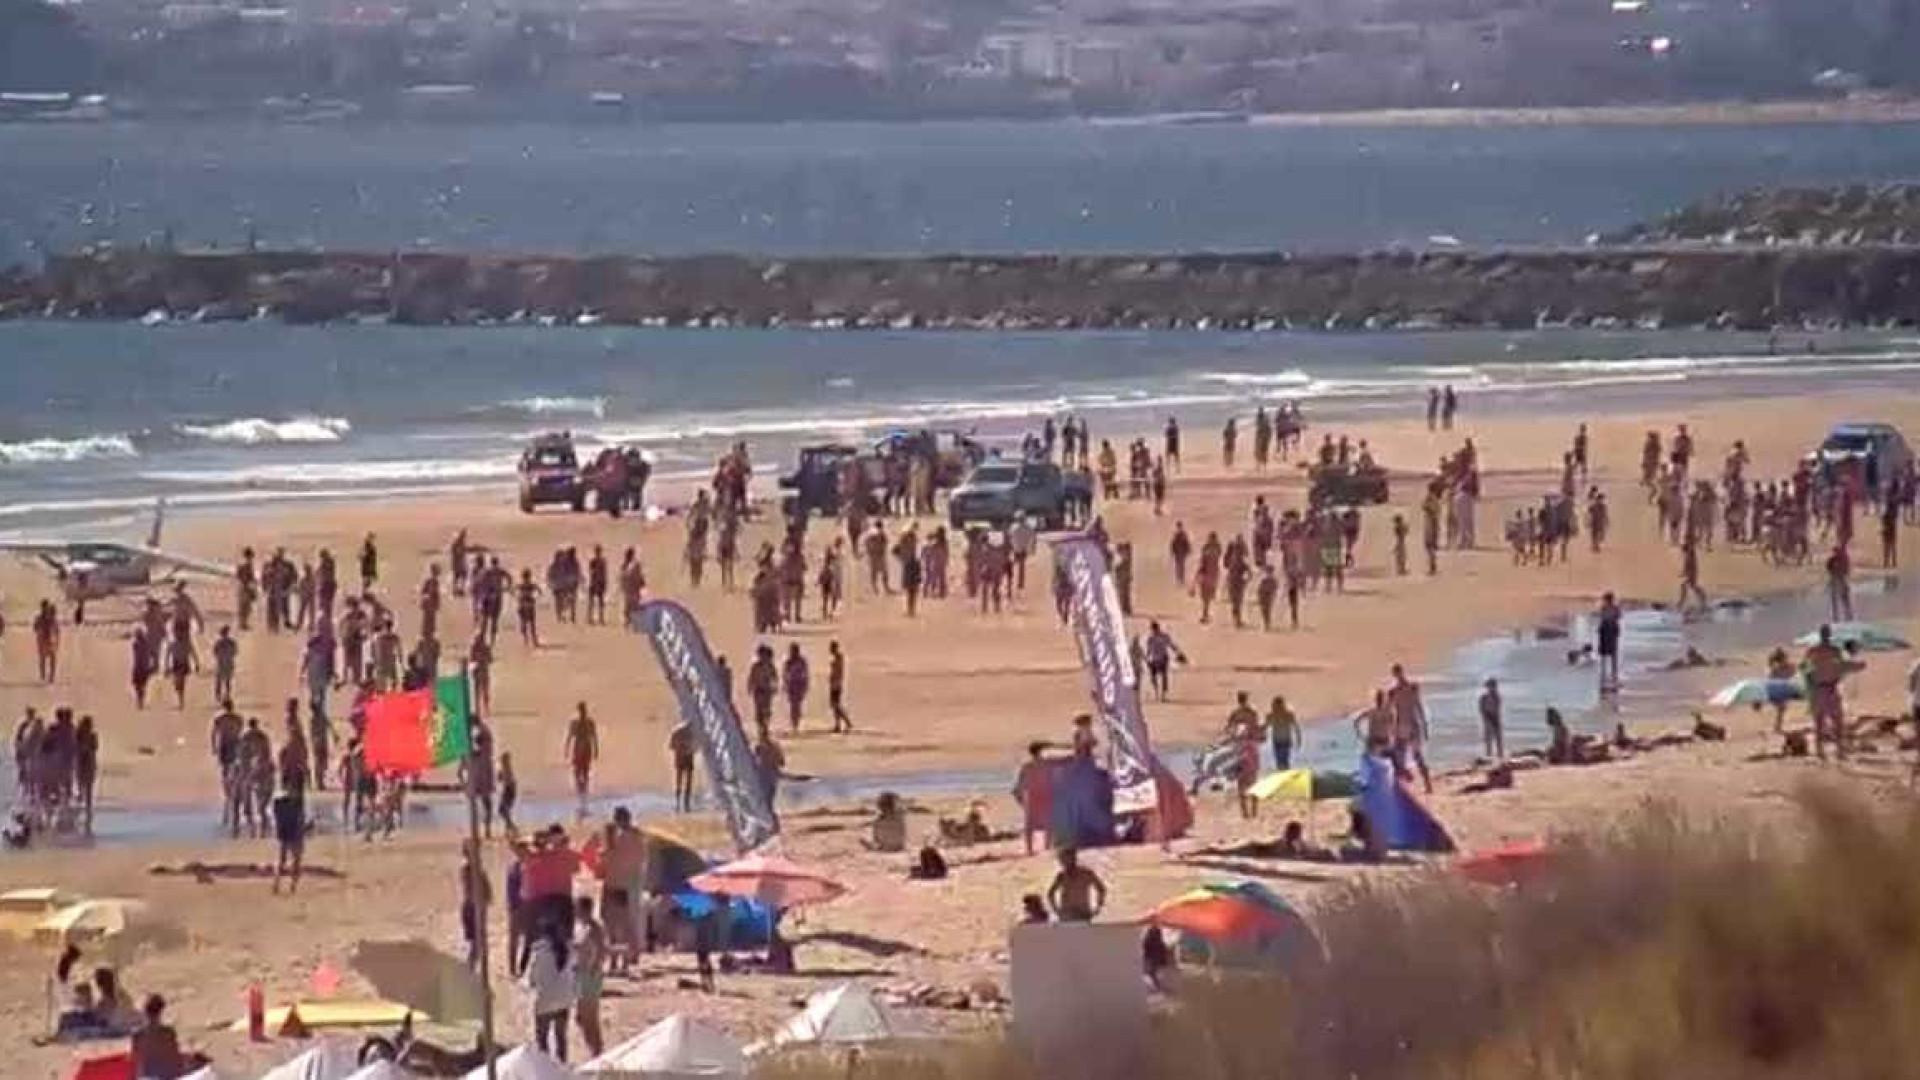 Avioneta aterra de emergência na praia de S. João da Caparica. Há mortos